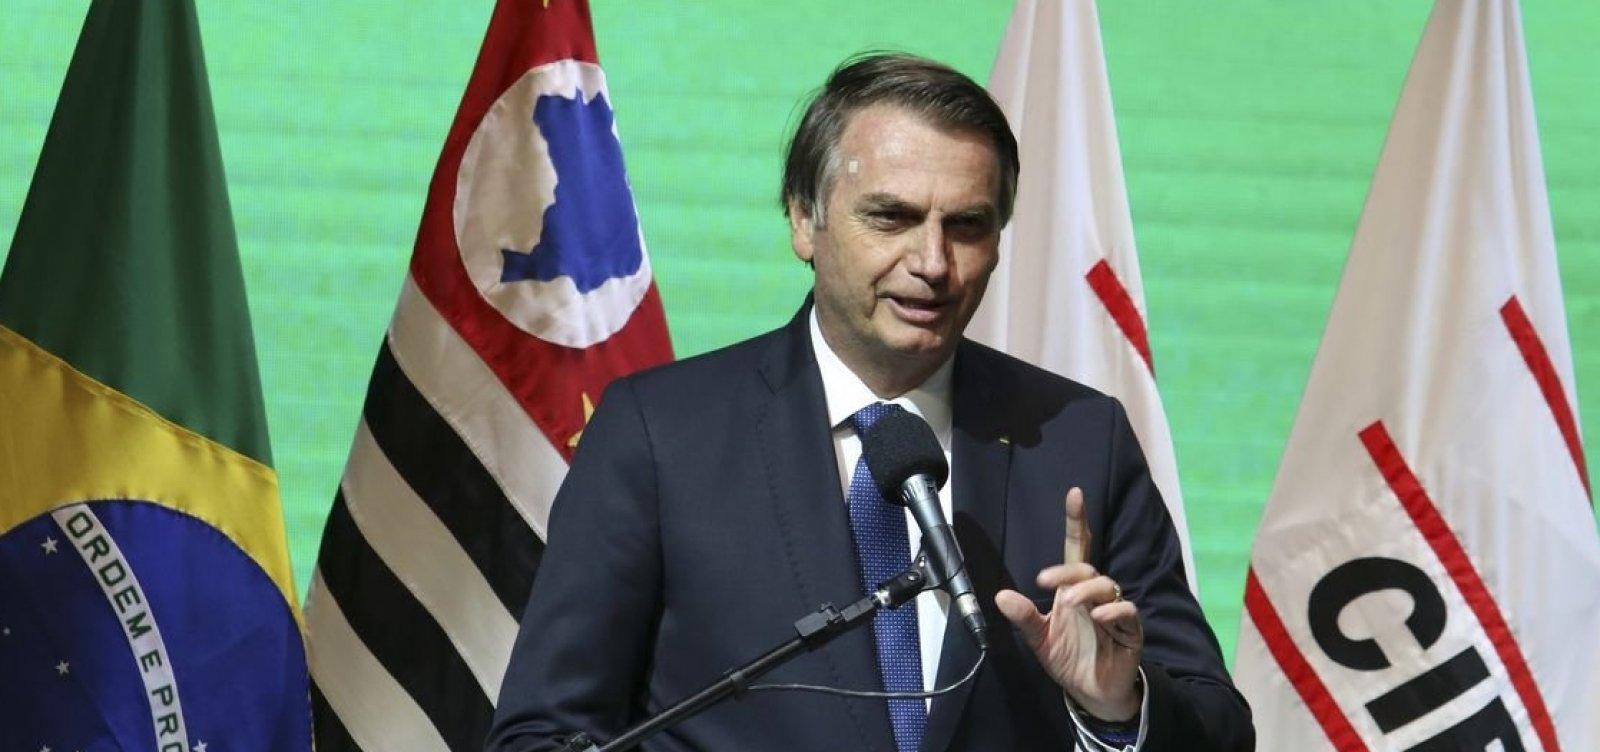 ['É uma tendência do Parlamento tirar estados e municípios', diz Bolsonaro]